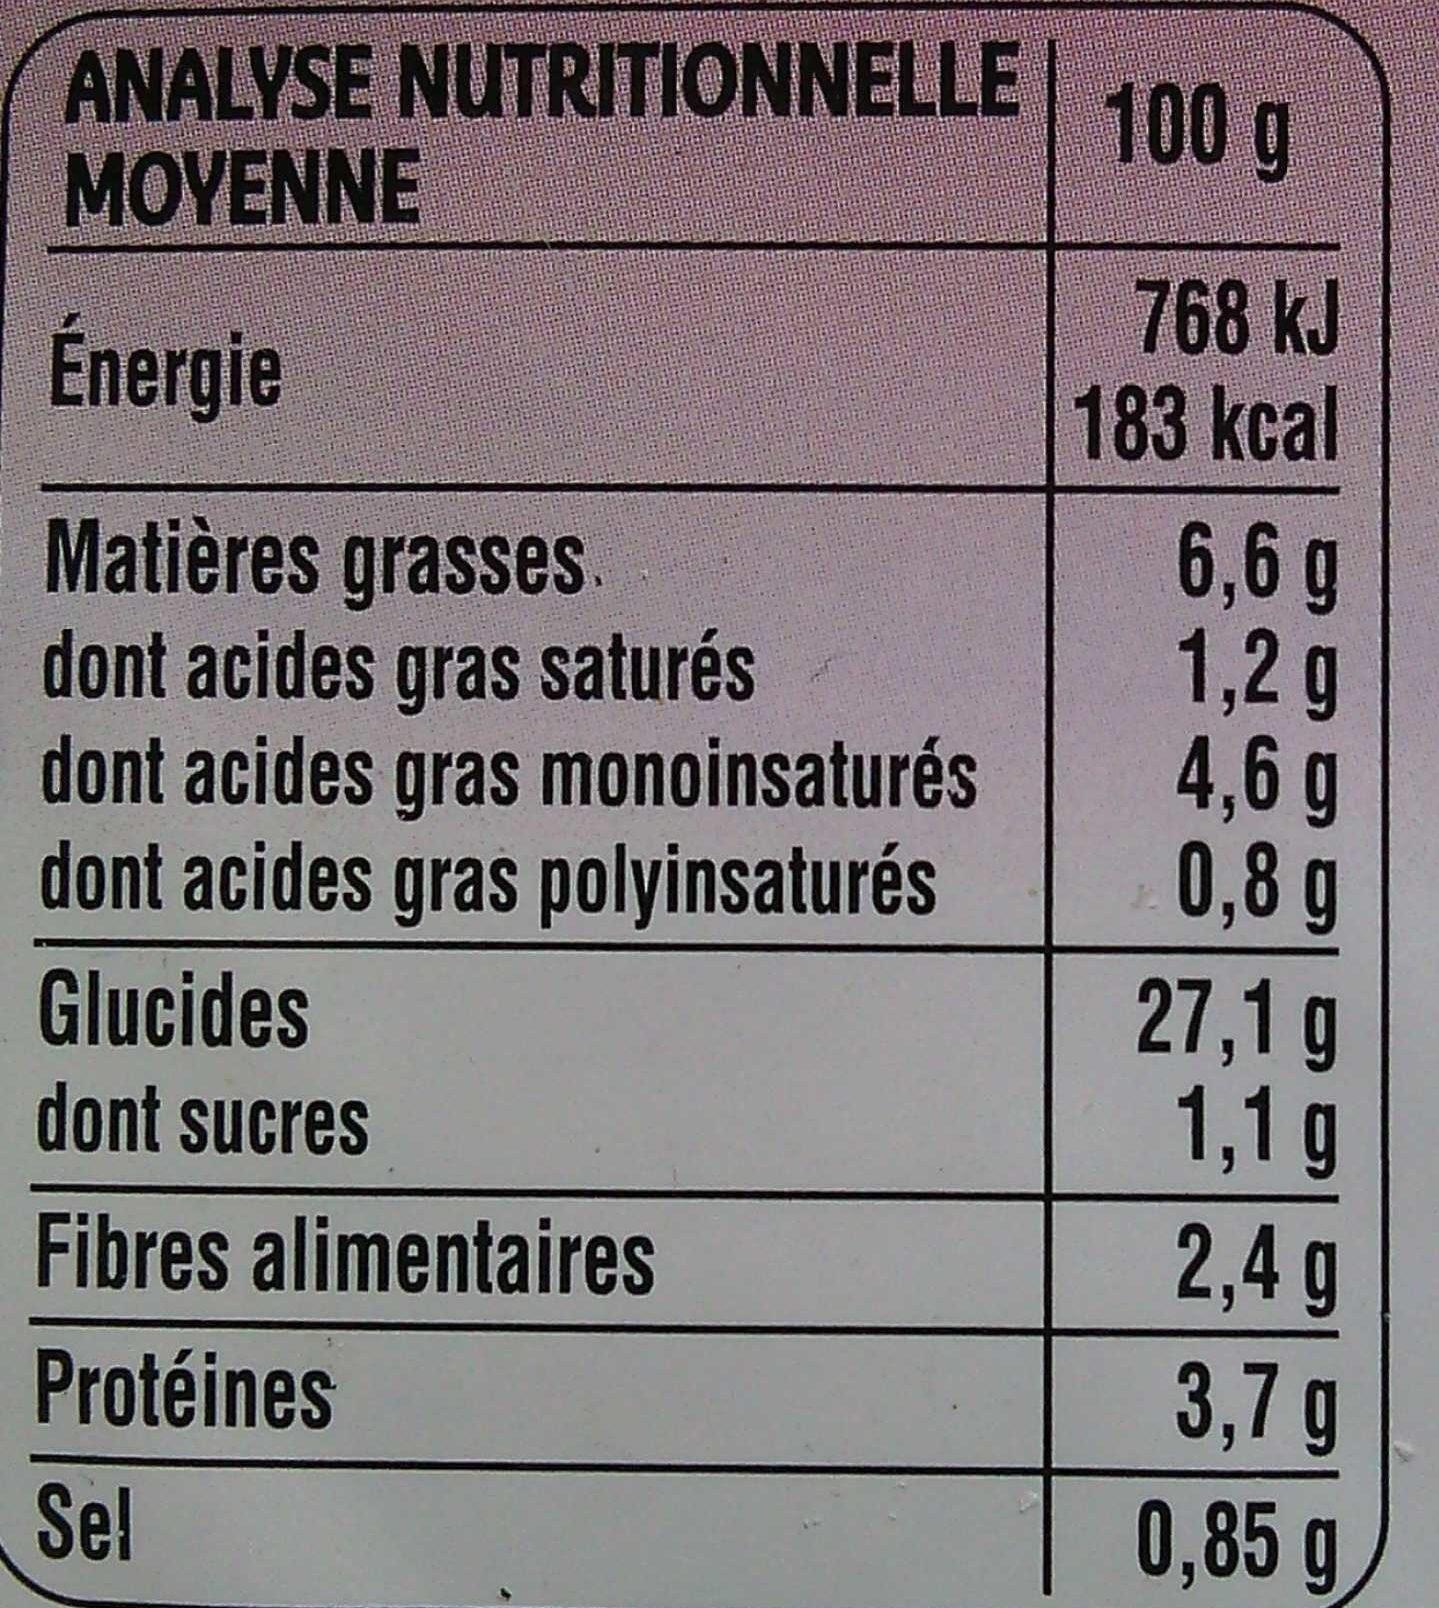 2 Galettes de Céréales Ratatouille - Informations nutritionnelles